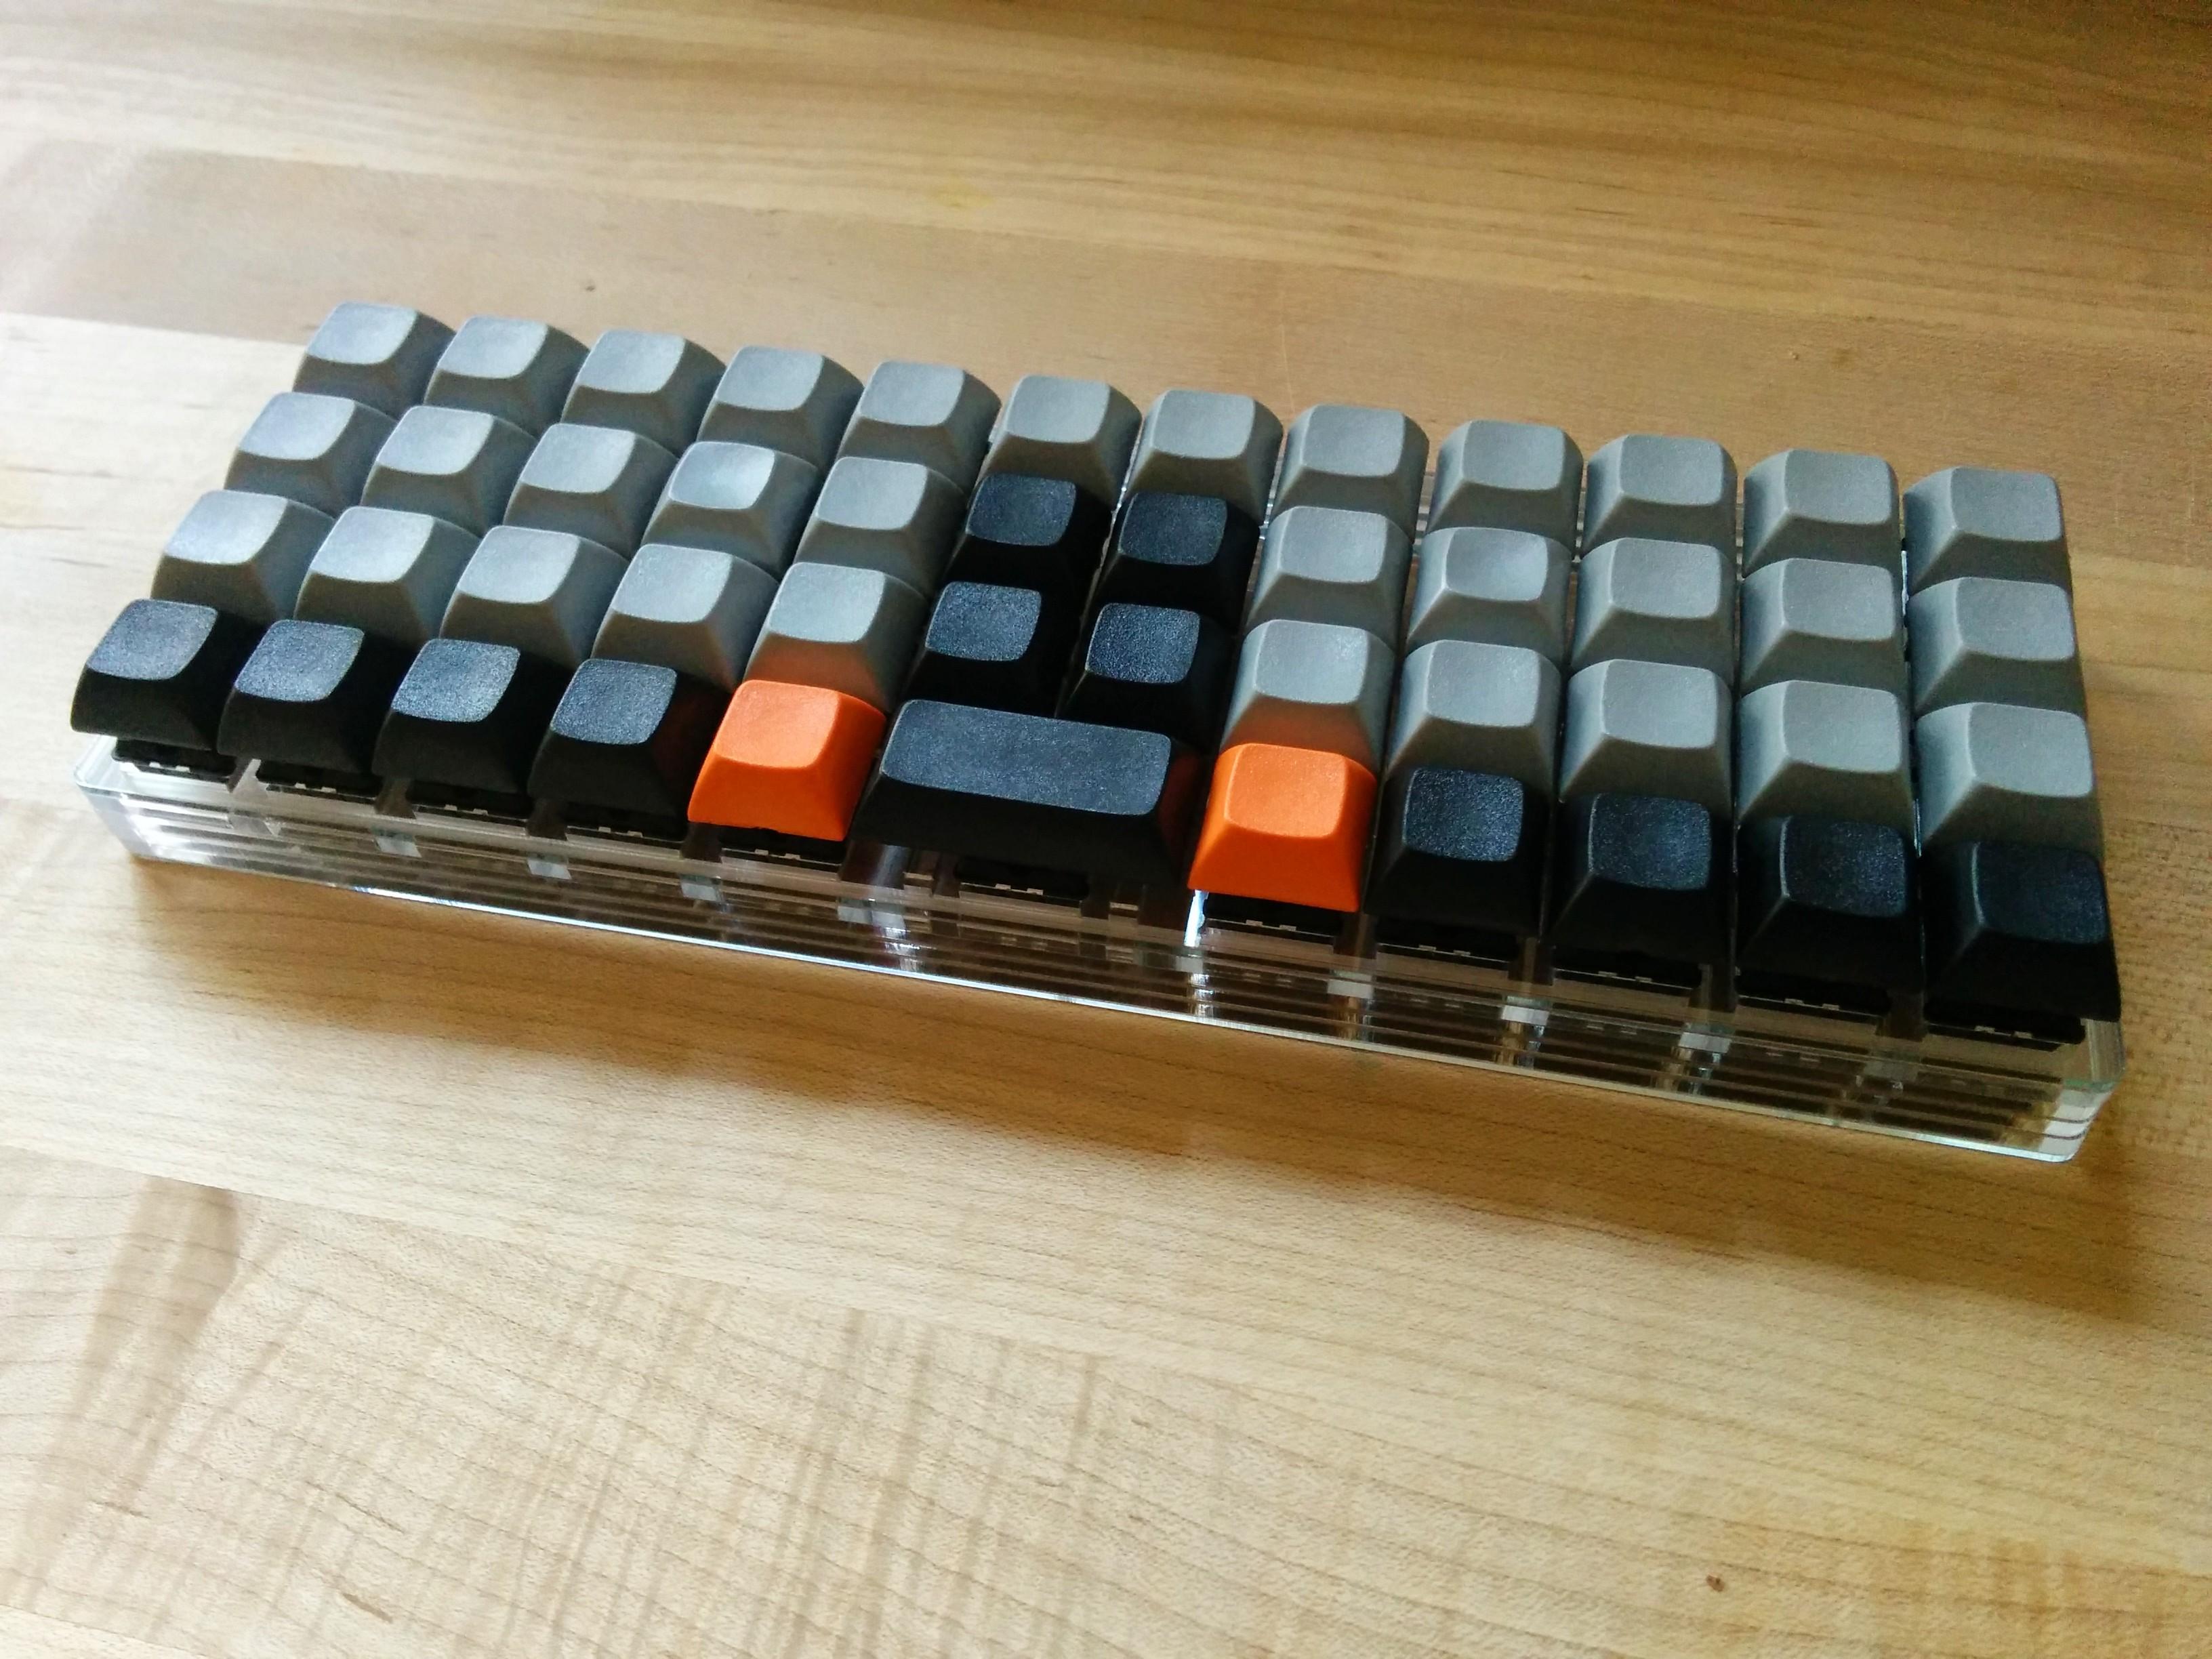 Planck är ett litet tangentbord där knapparna sitter i raka rader